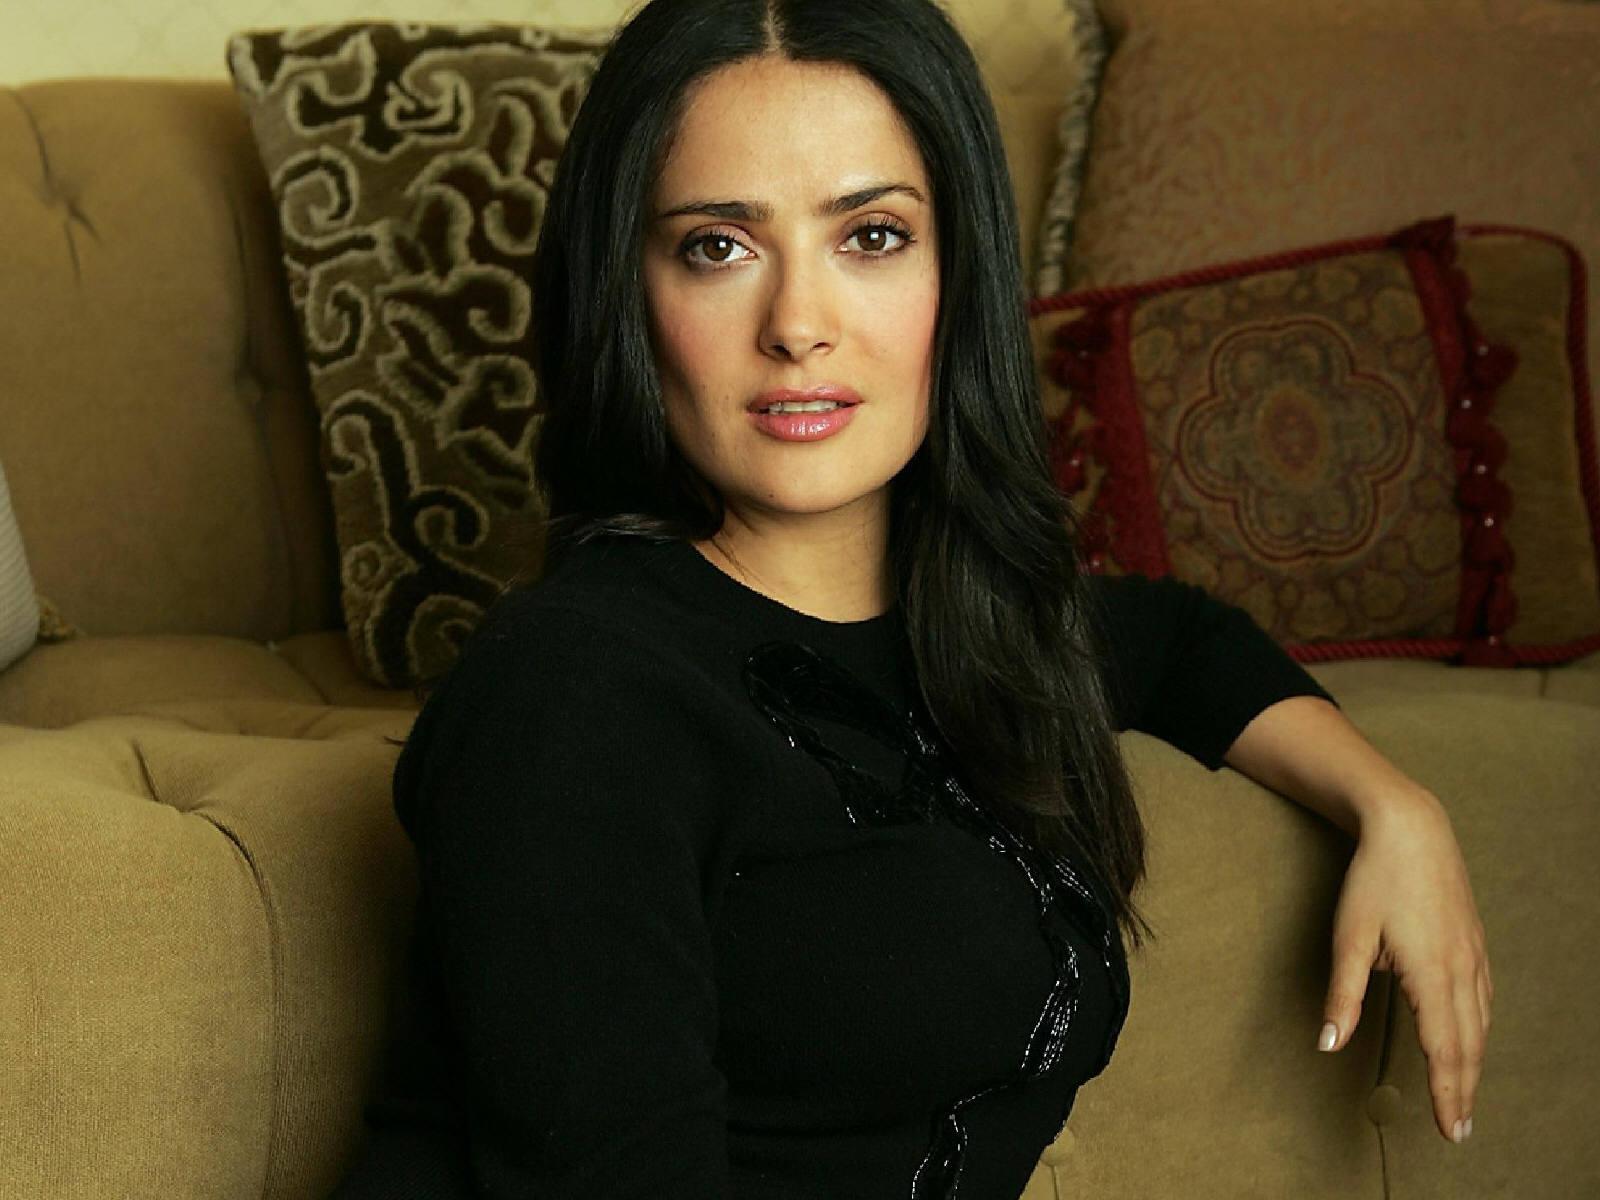 http://1.bp.blogspot.com/_Si7zjQmZnm4/Sy_kYYzmDMI/AAAAAAAAGWU/rBpJDE0G6oI/s1600/Fullwalls.blogspot.com_Salma_Hayek%289%29.jpg